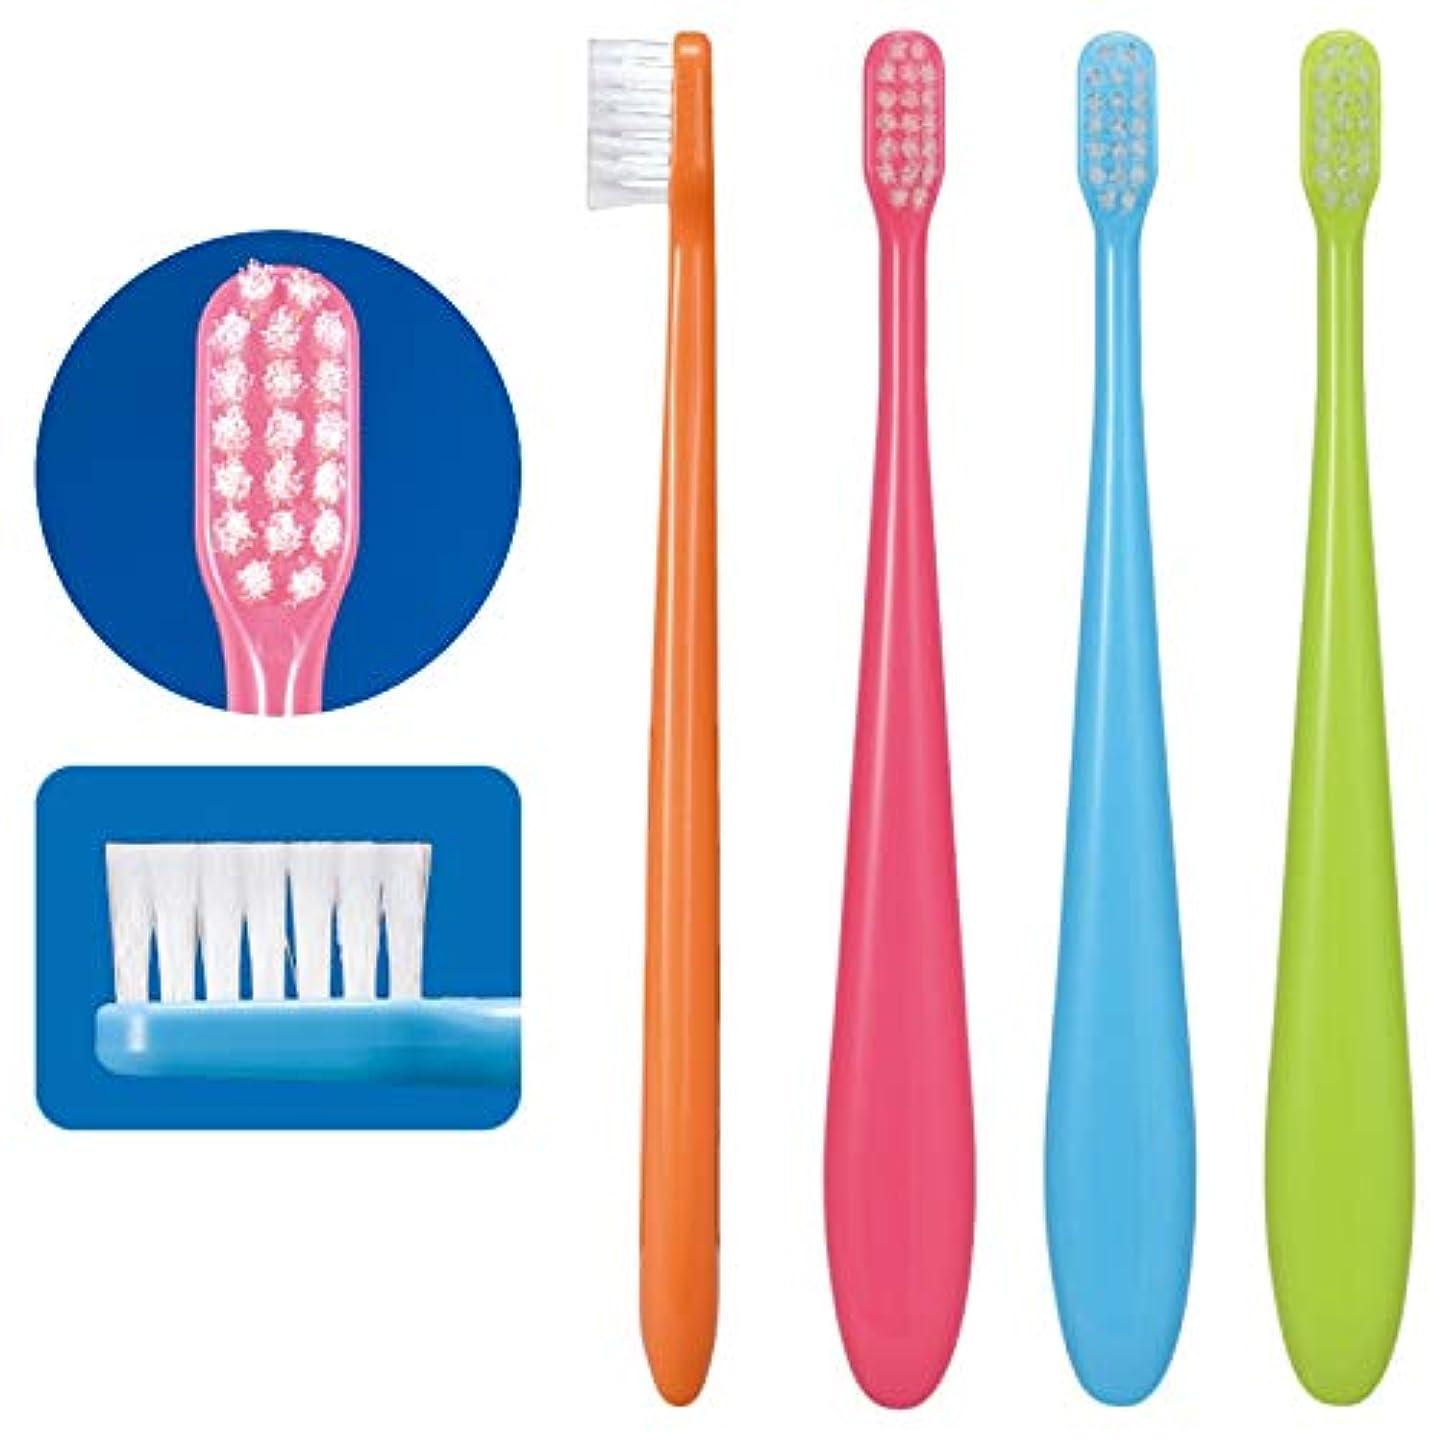 レポートを書くささやき硬化するCi ミニ歯ブラシ ミディミルキー 20本 M(ふつう) 歯科専売品 日本製